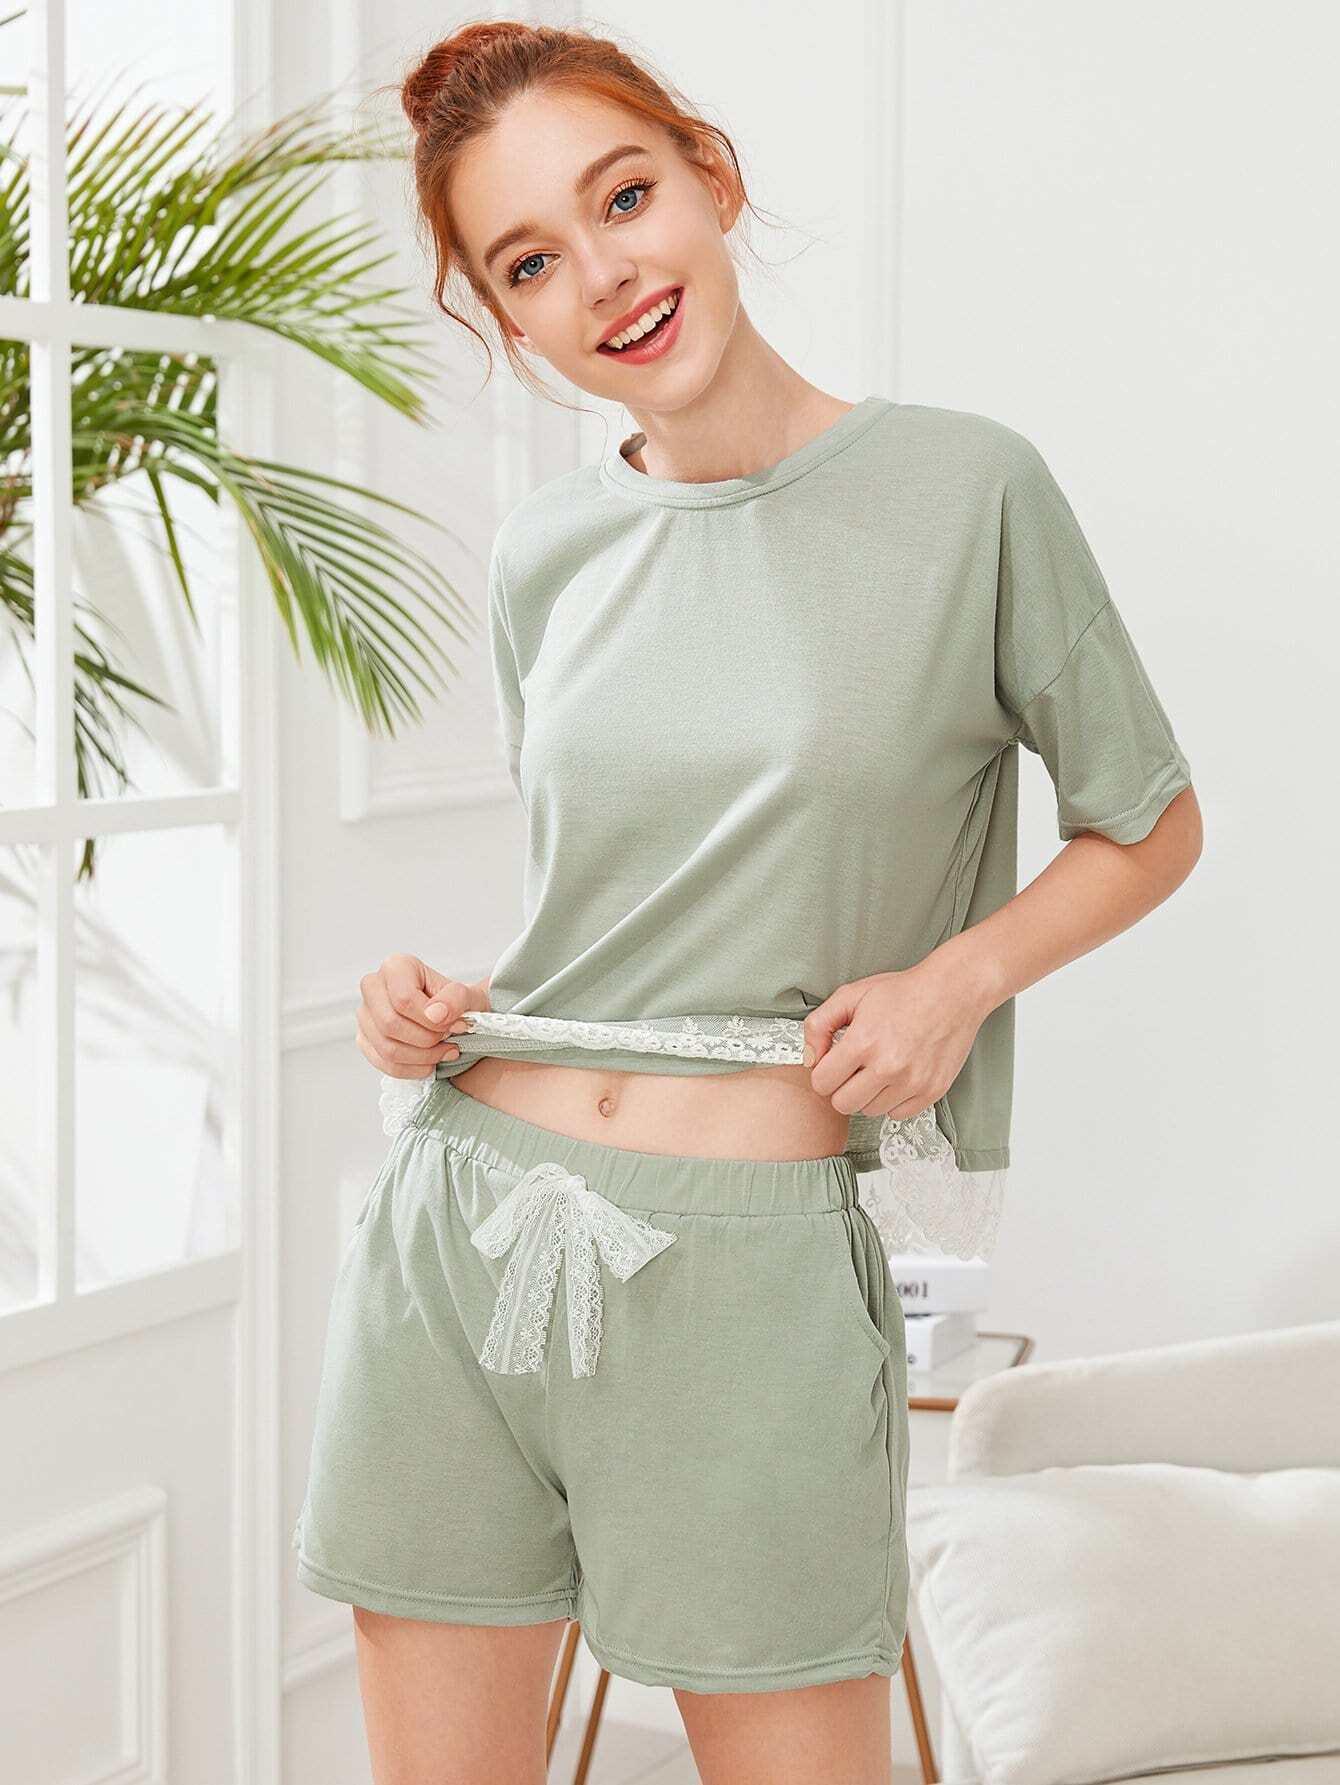 Lace Hem Tee & Shorts PJ Set